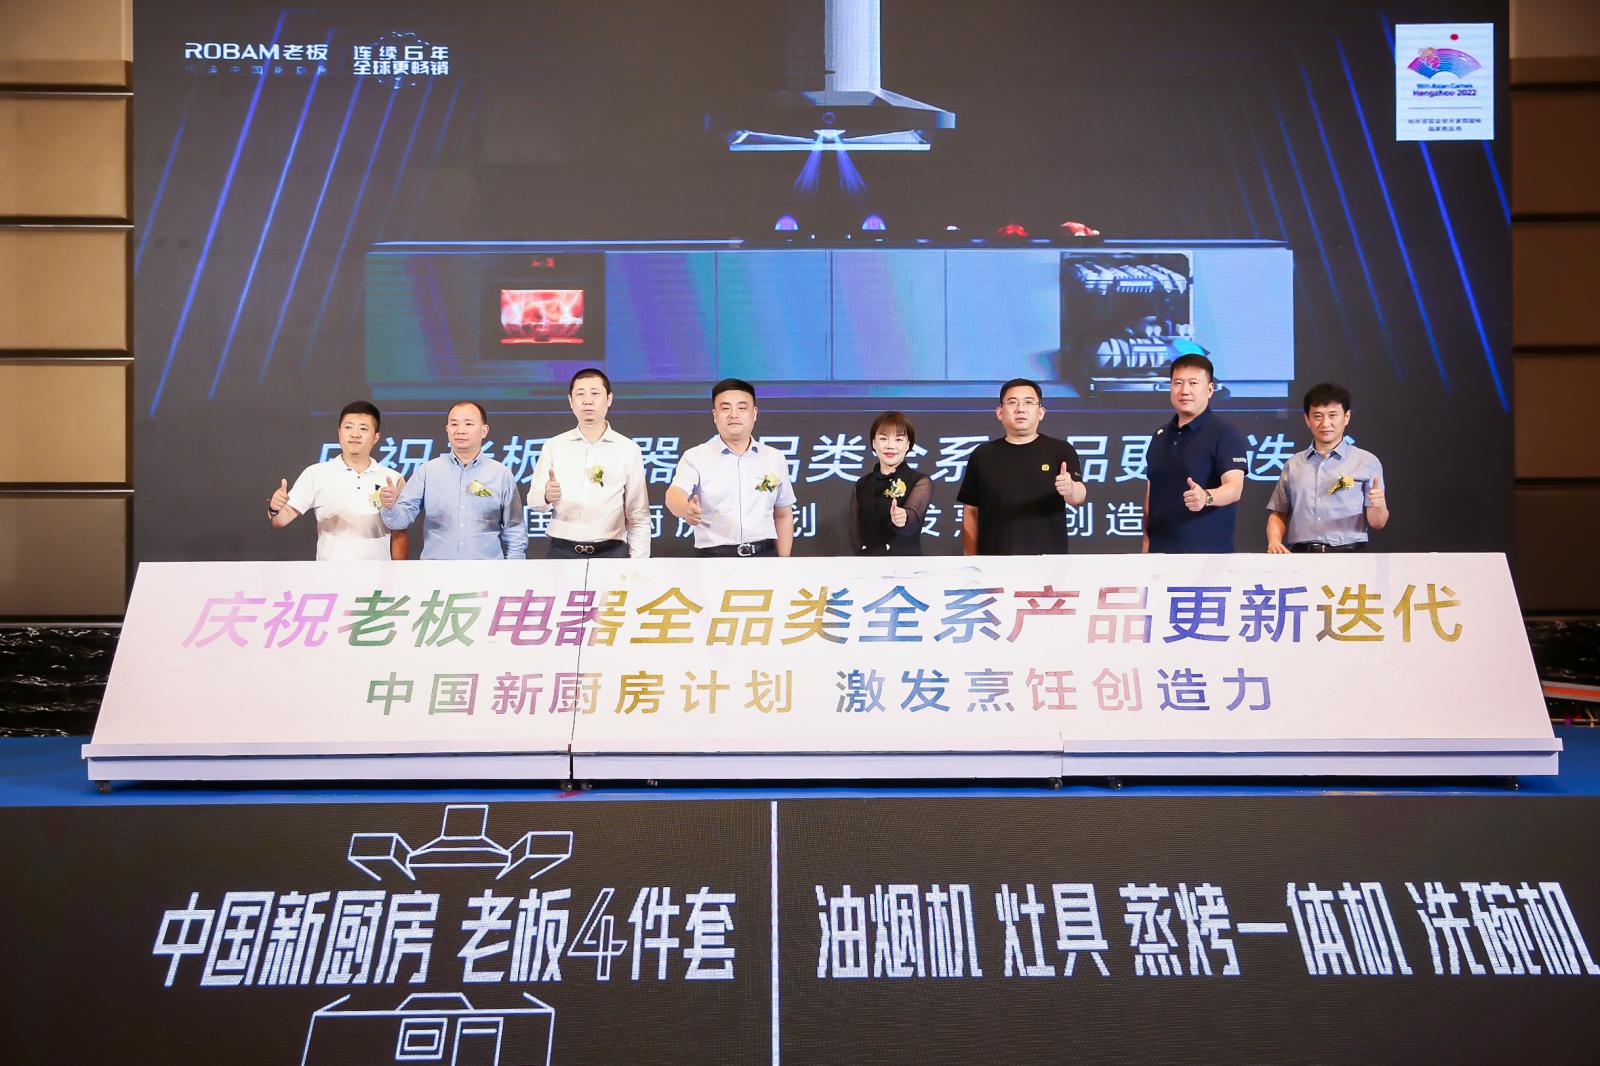 老板电器中国新厨房全系产品迭代发布会在青岛召开